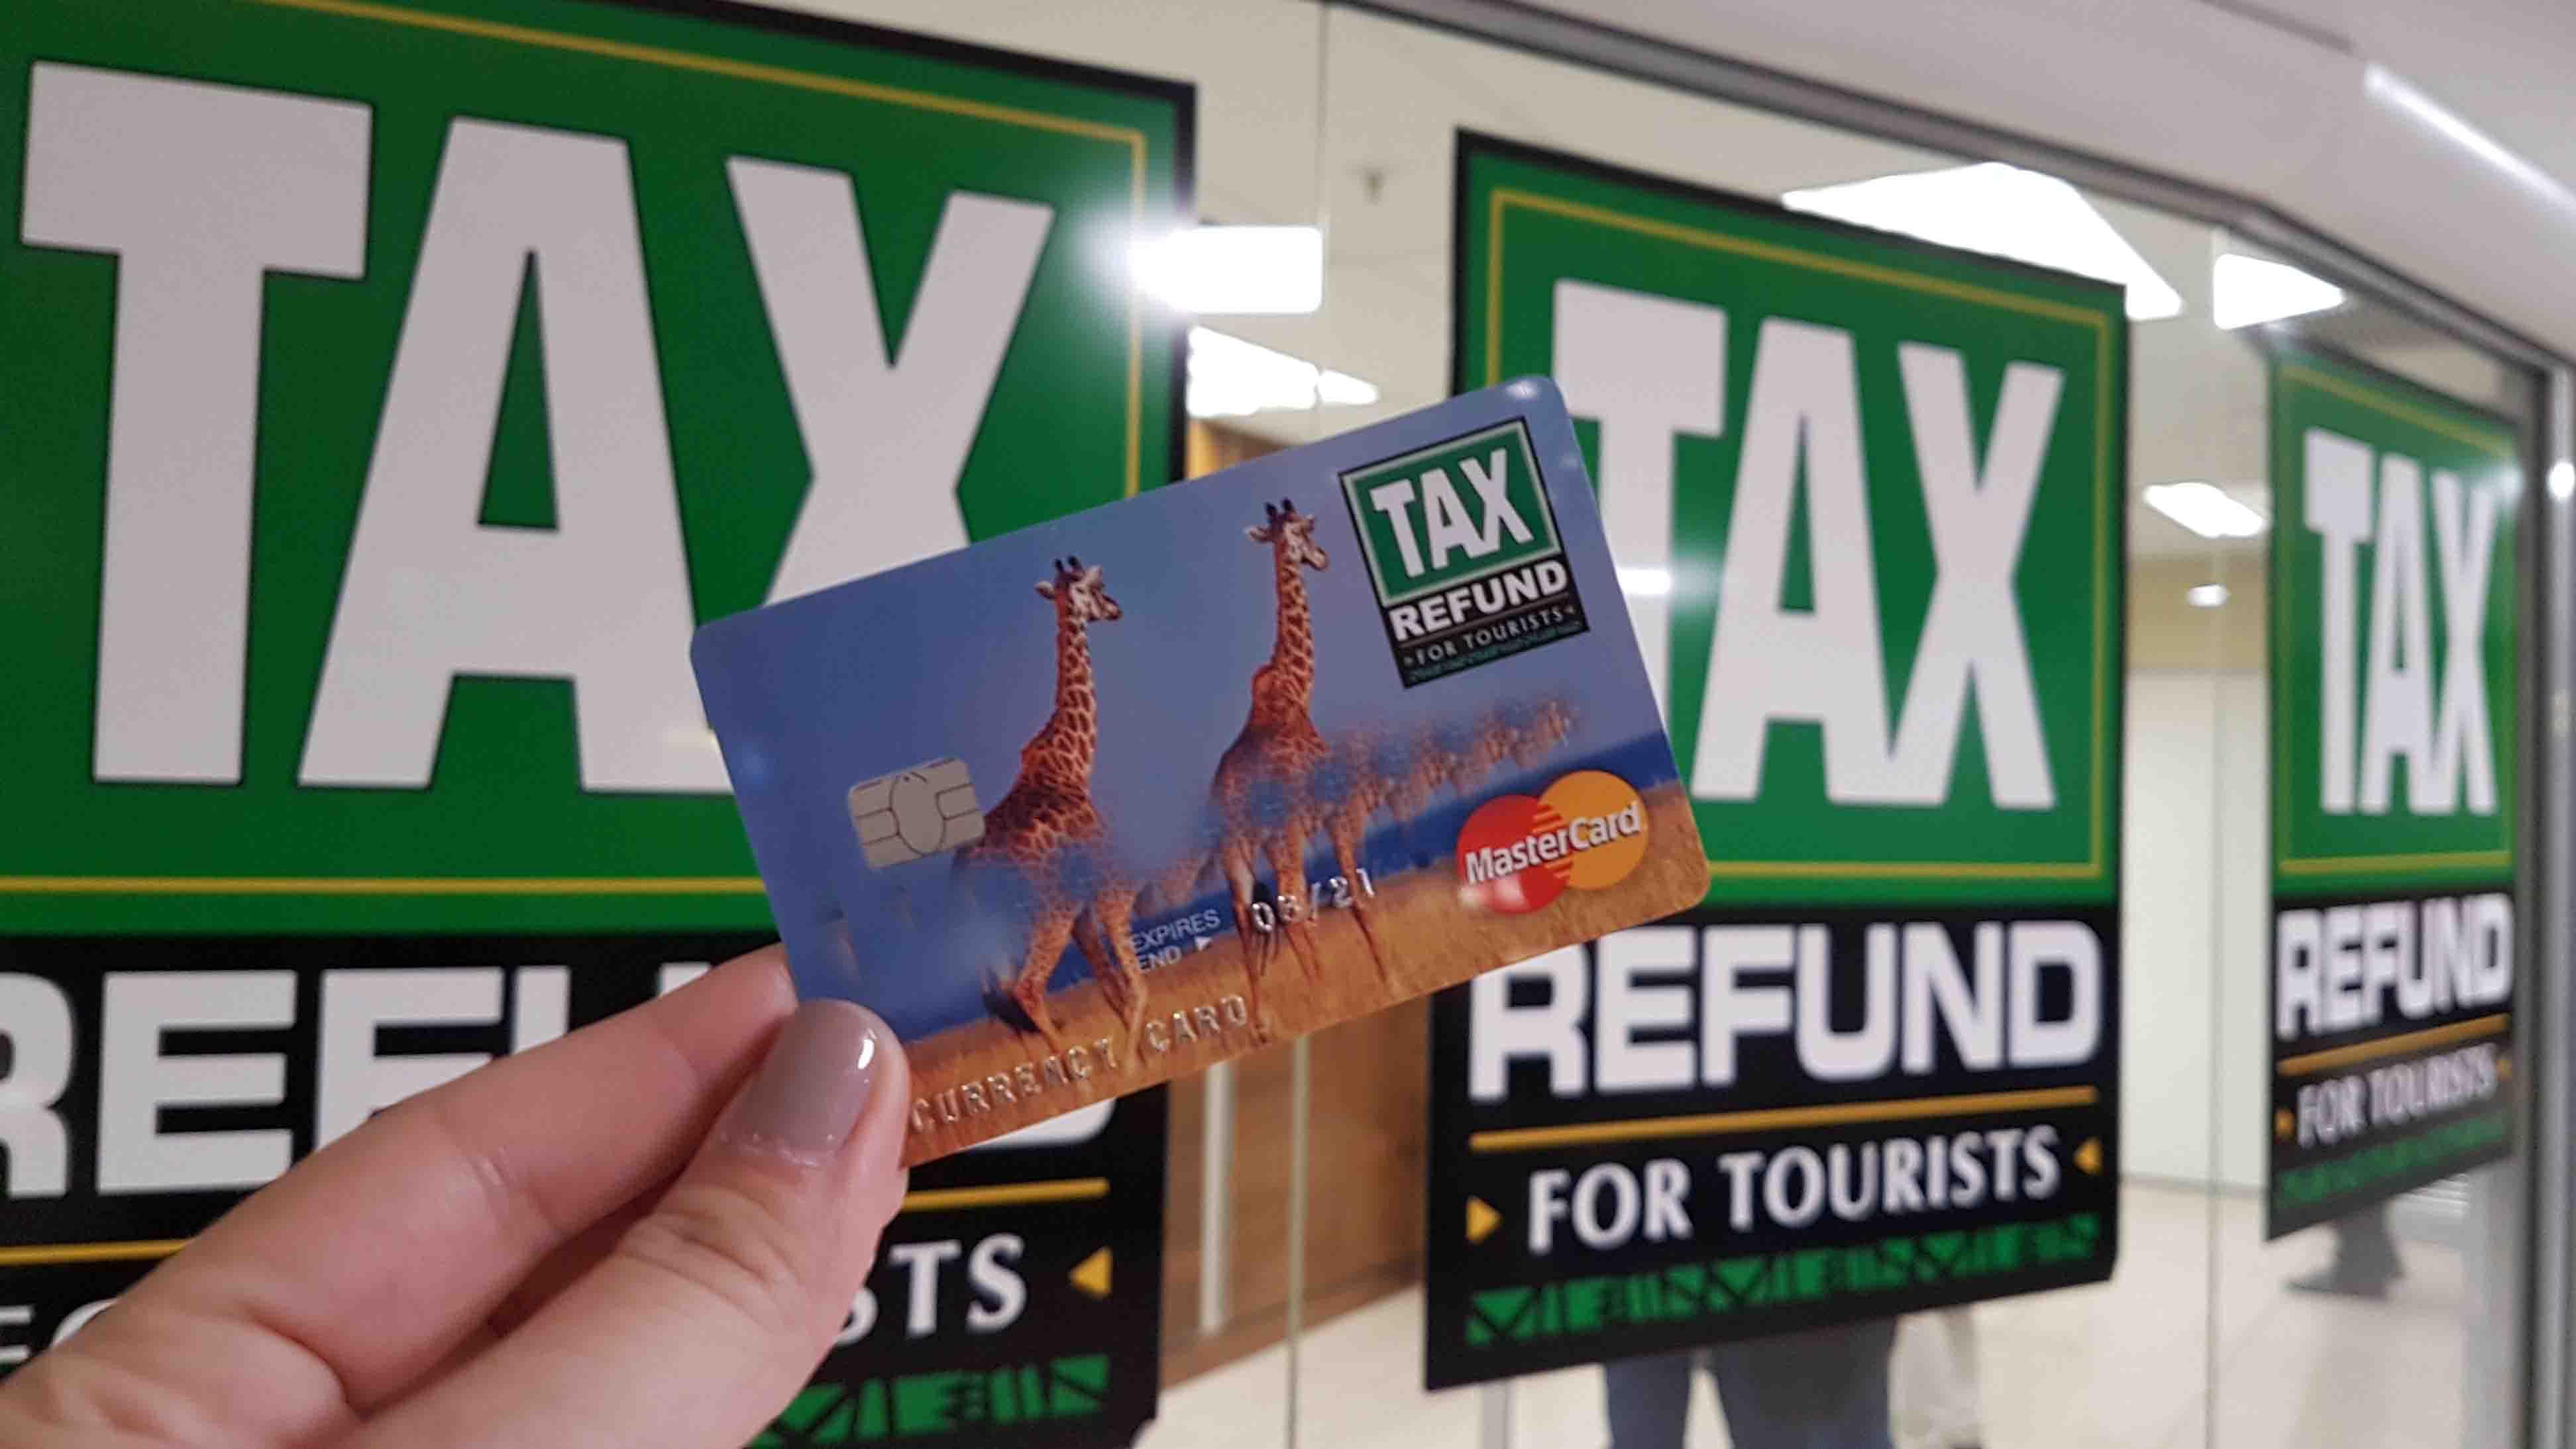 Cartão de tax refund da África do Sul - fofo, né?!